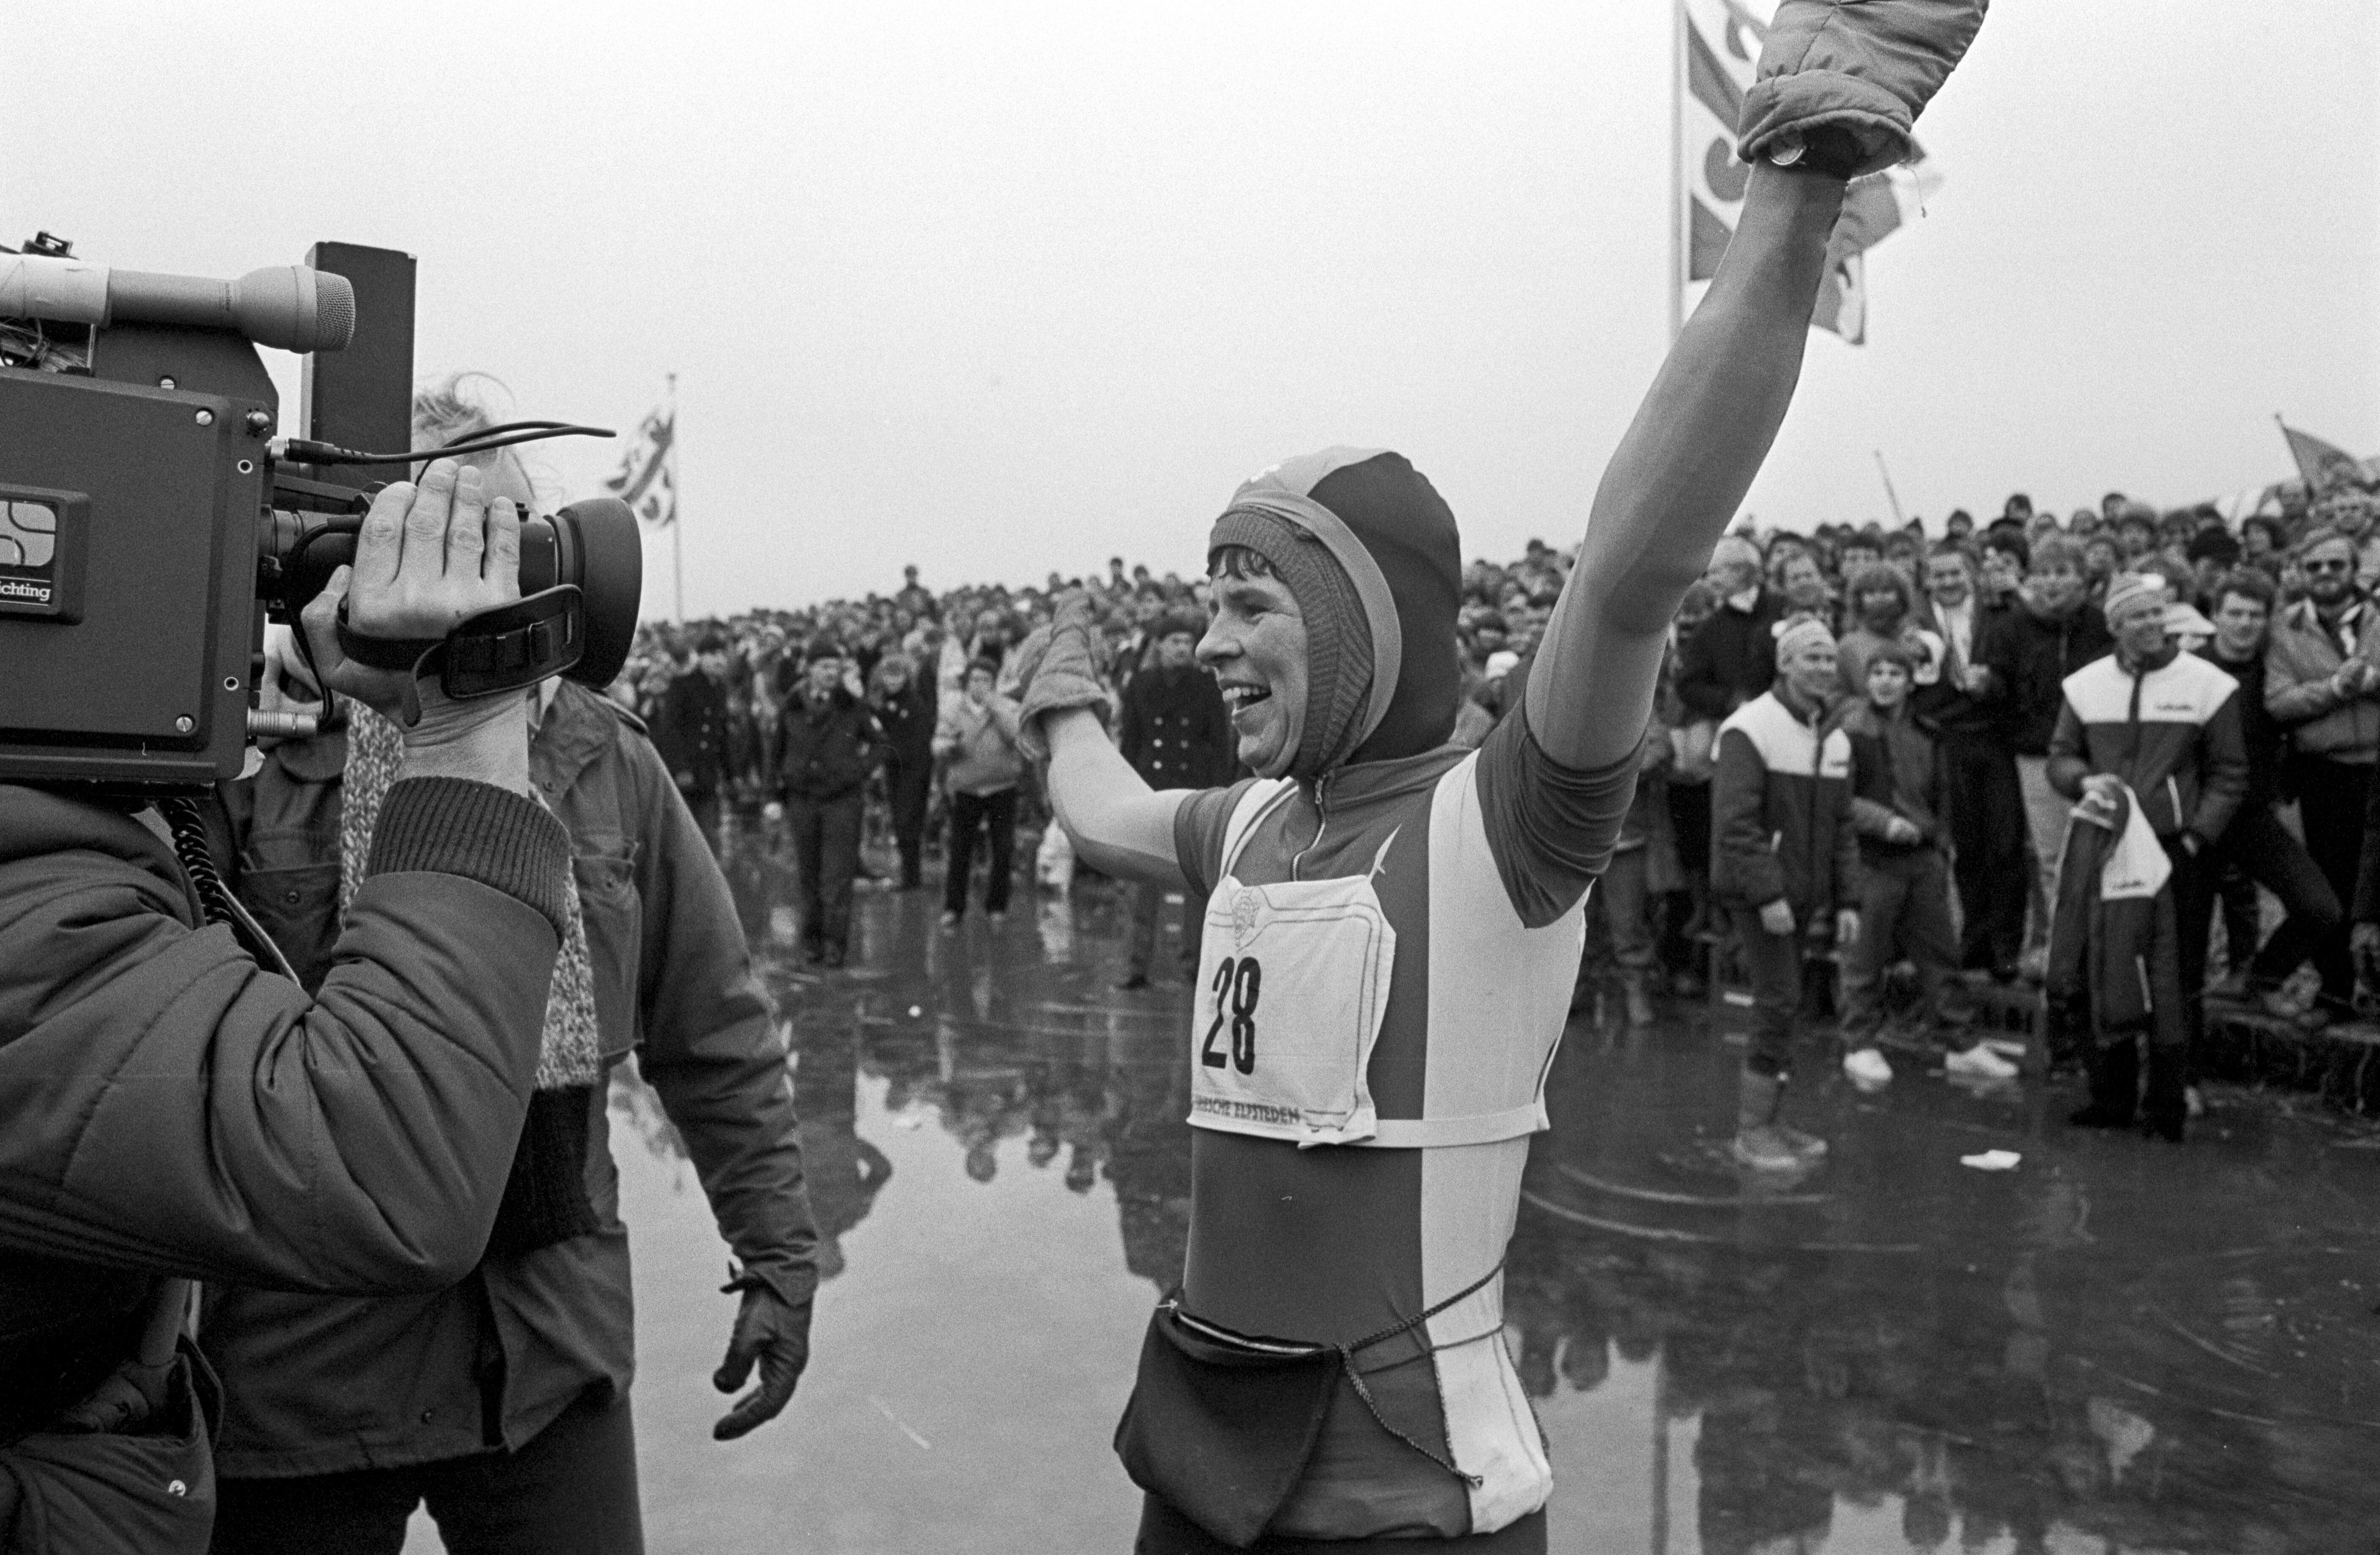 Lenie van der Hoorn mag zich na ruim 35 jaar officieel winnares van de Elfstedentocht noemen: 'Eindelijk erkenning, dat ik dat nog mag meemaken'